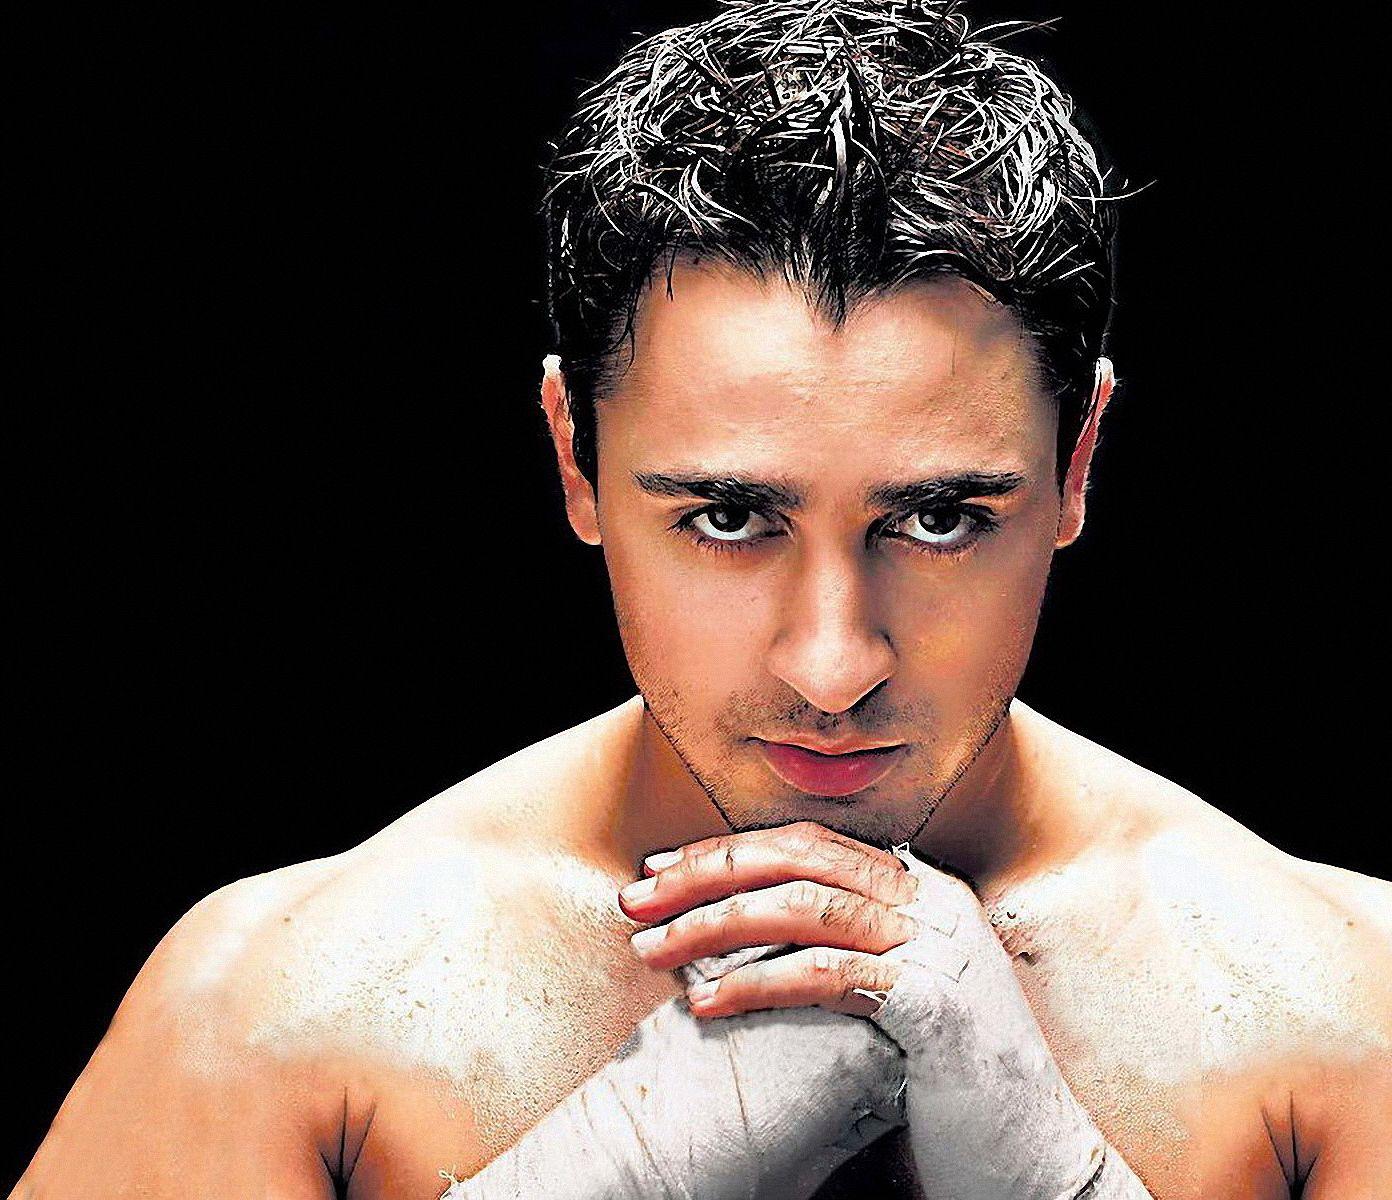 Imran Khan Hairstyle And Haircut Ideas Celebrity Hairstyles Imran Khan Celebrity Short Hair